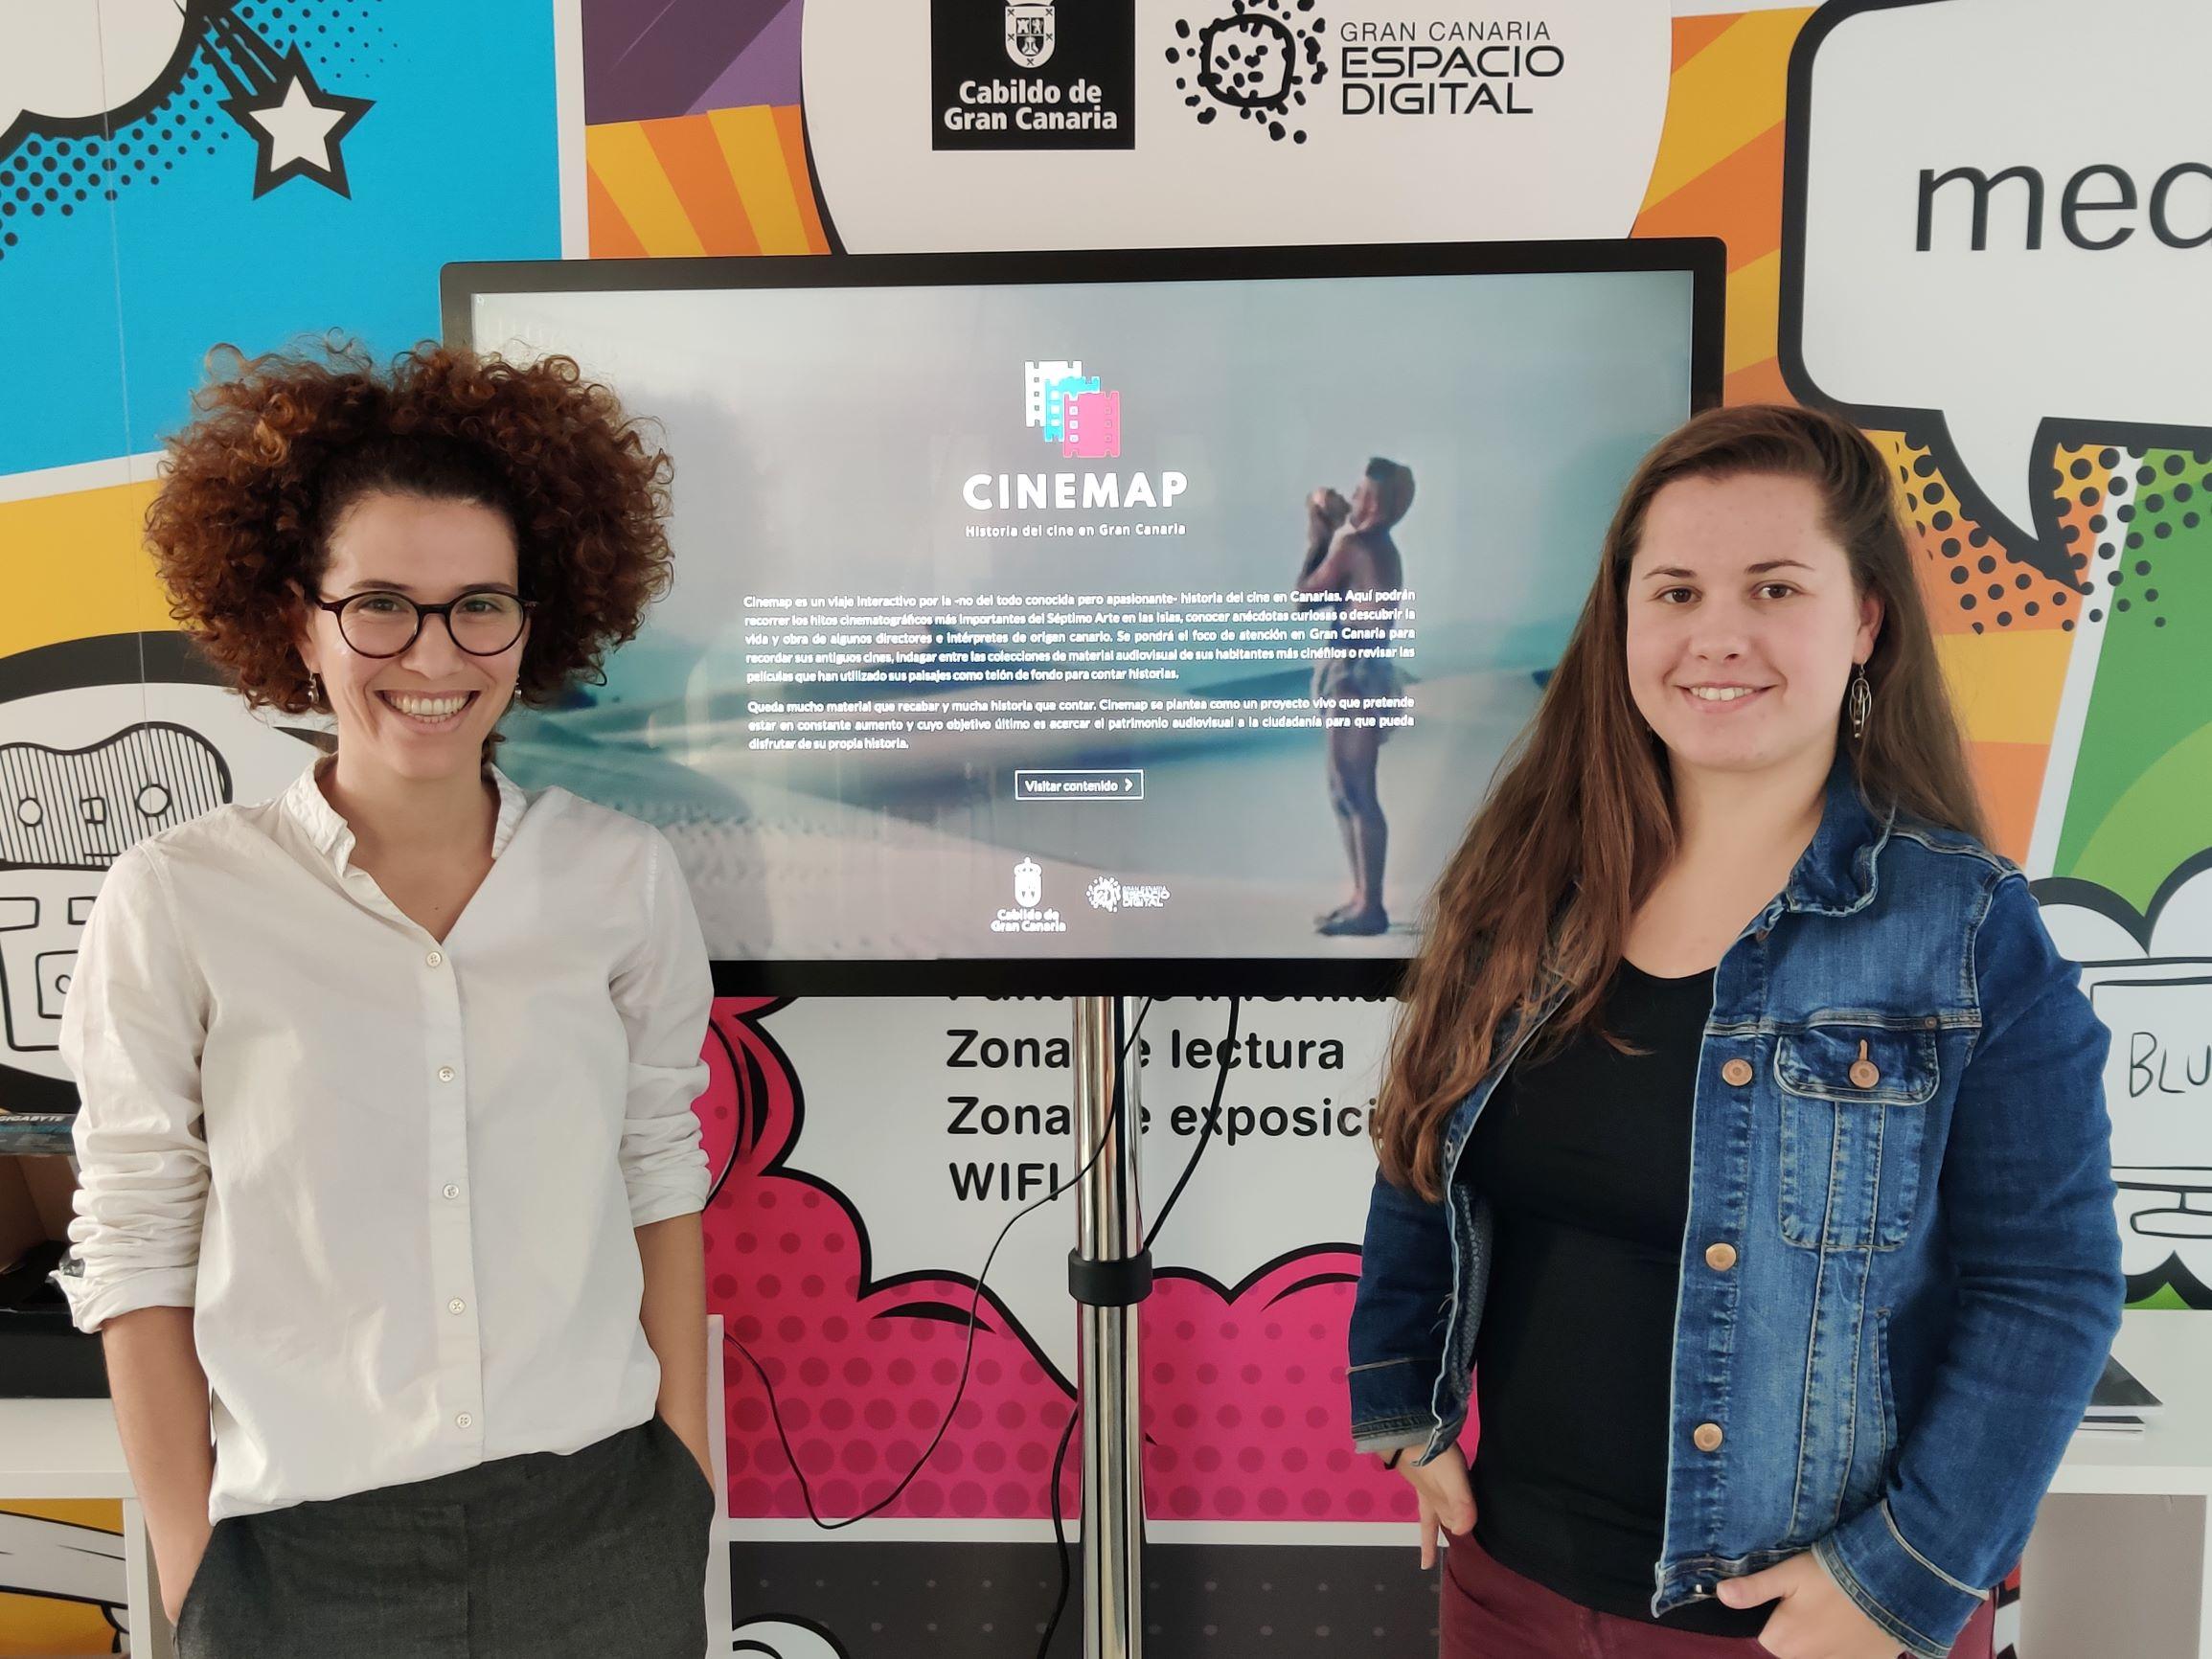 Online. La plataforma 'Cinemap Gran Canaria' renueva sus contenidos históricos prolongando hasta 2010 su marco temporal